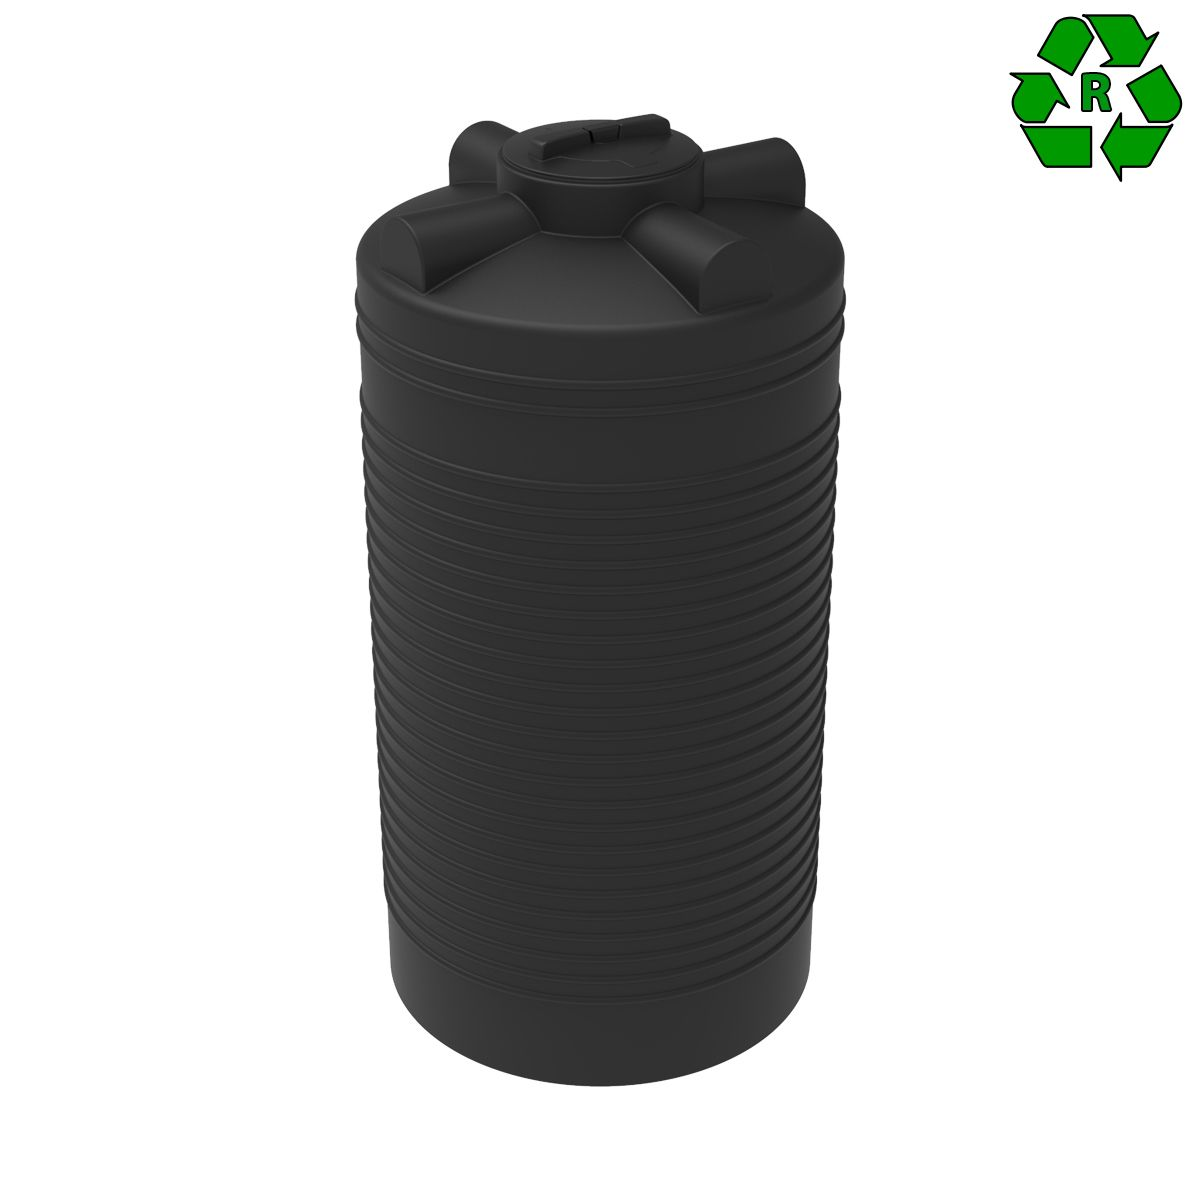 Емкость R ЭВЛ-Т 1000 литров